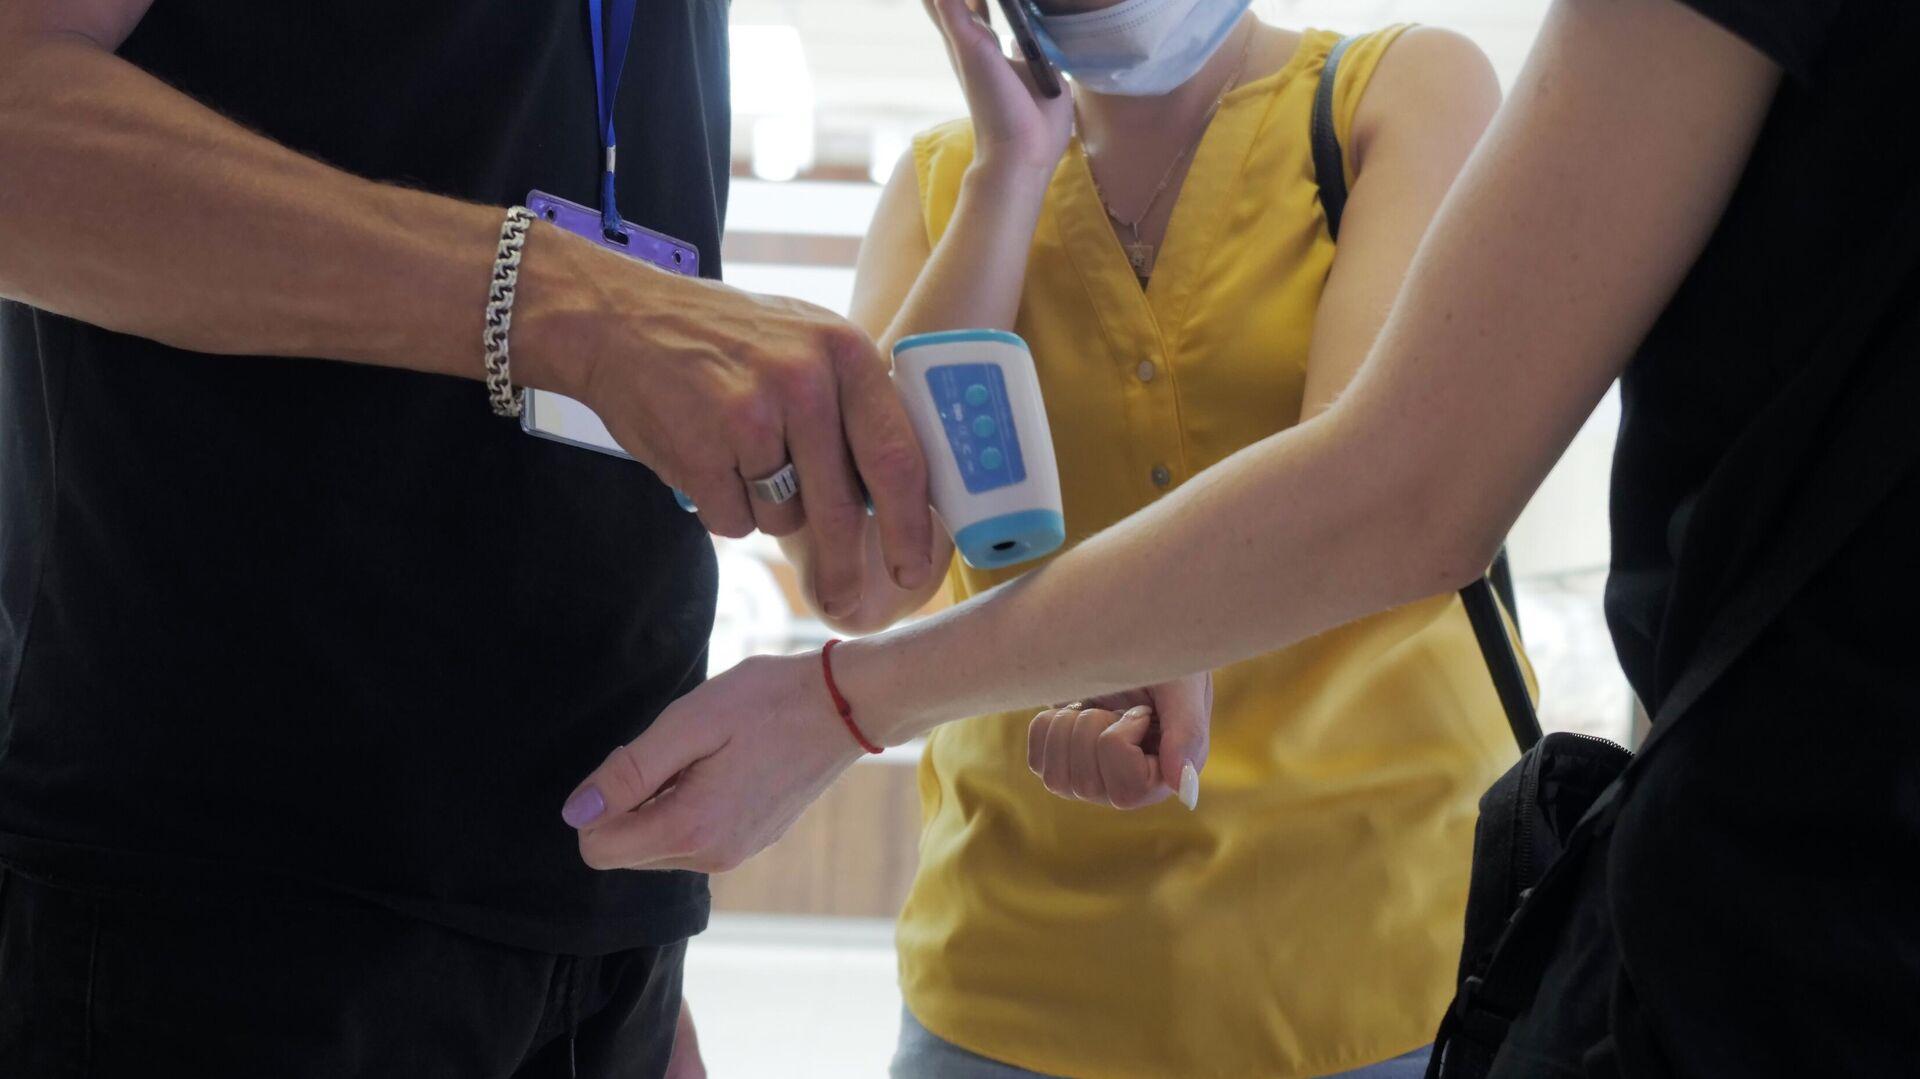 Сотрудник торгового центра в проверяет температуру у посетителей - РИА Новости, 1920, 14.09.2021